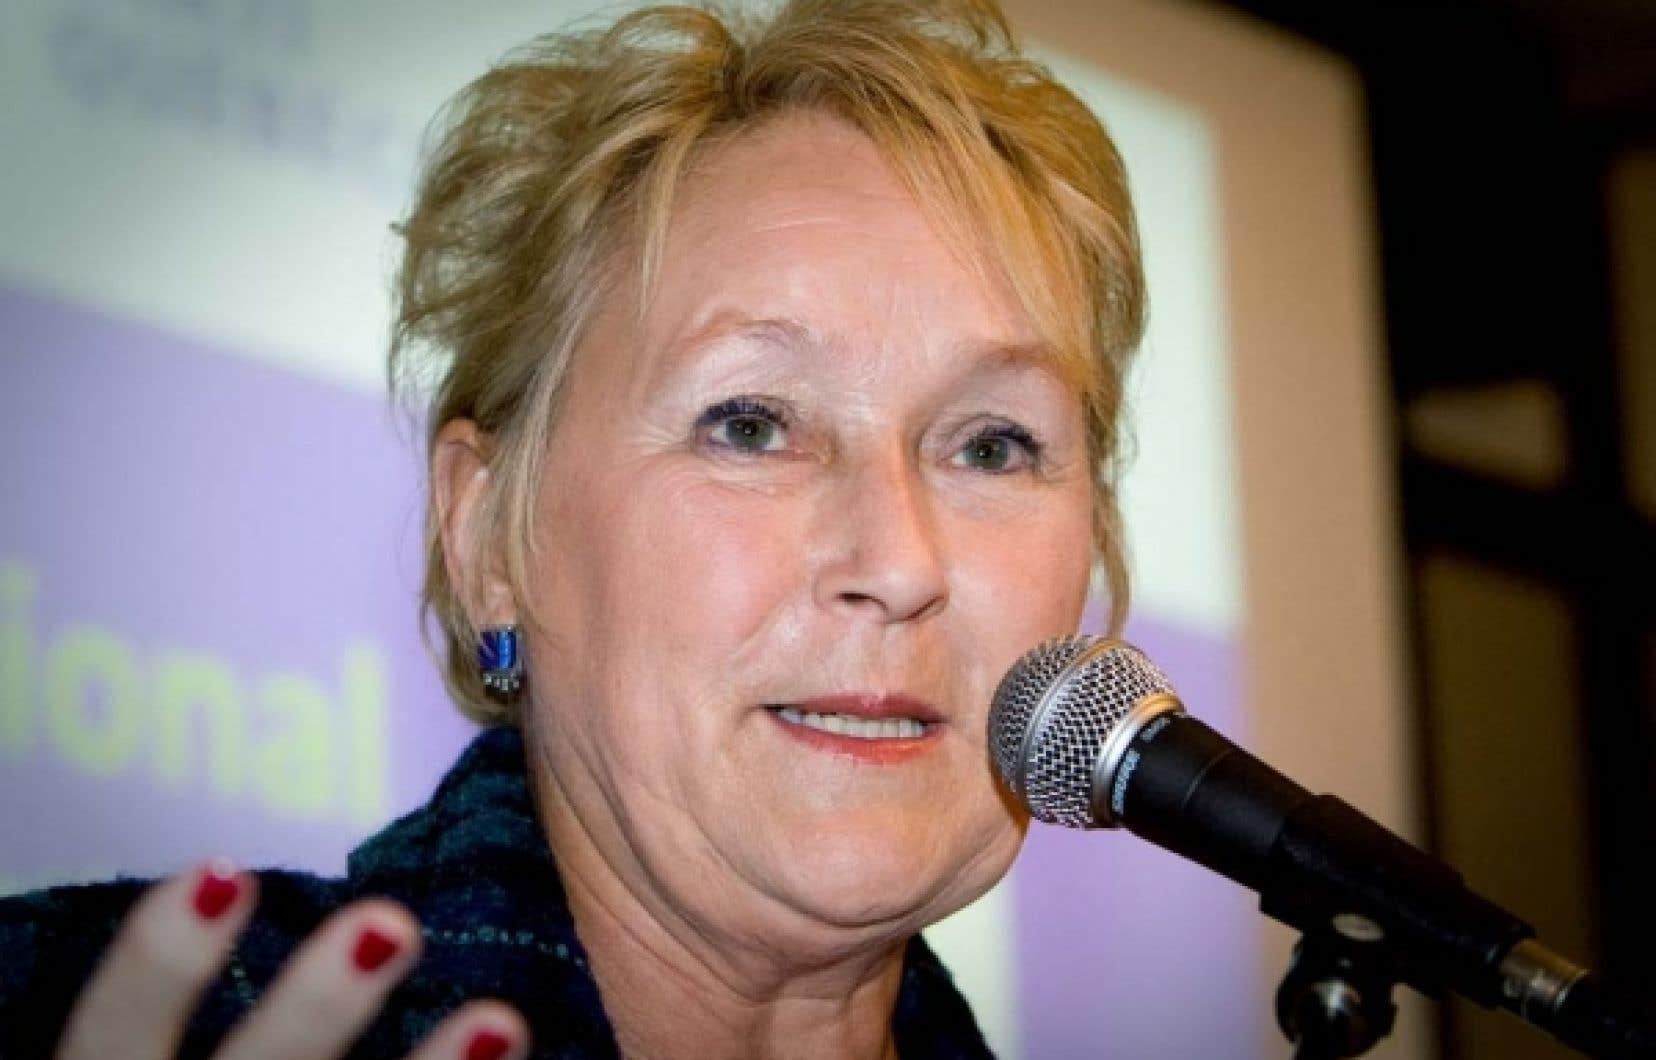 Pour Pauline Marois, «le travail a été mal fait par le gouvernement du Parti libéral, par le gouvernement Charest, c'est un véritable cafouillis, c'est lamentable et nous demandons toujours qu'il y ait un moratoire». <br />